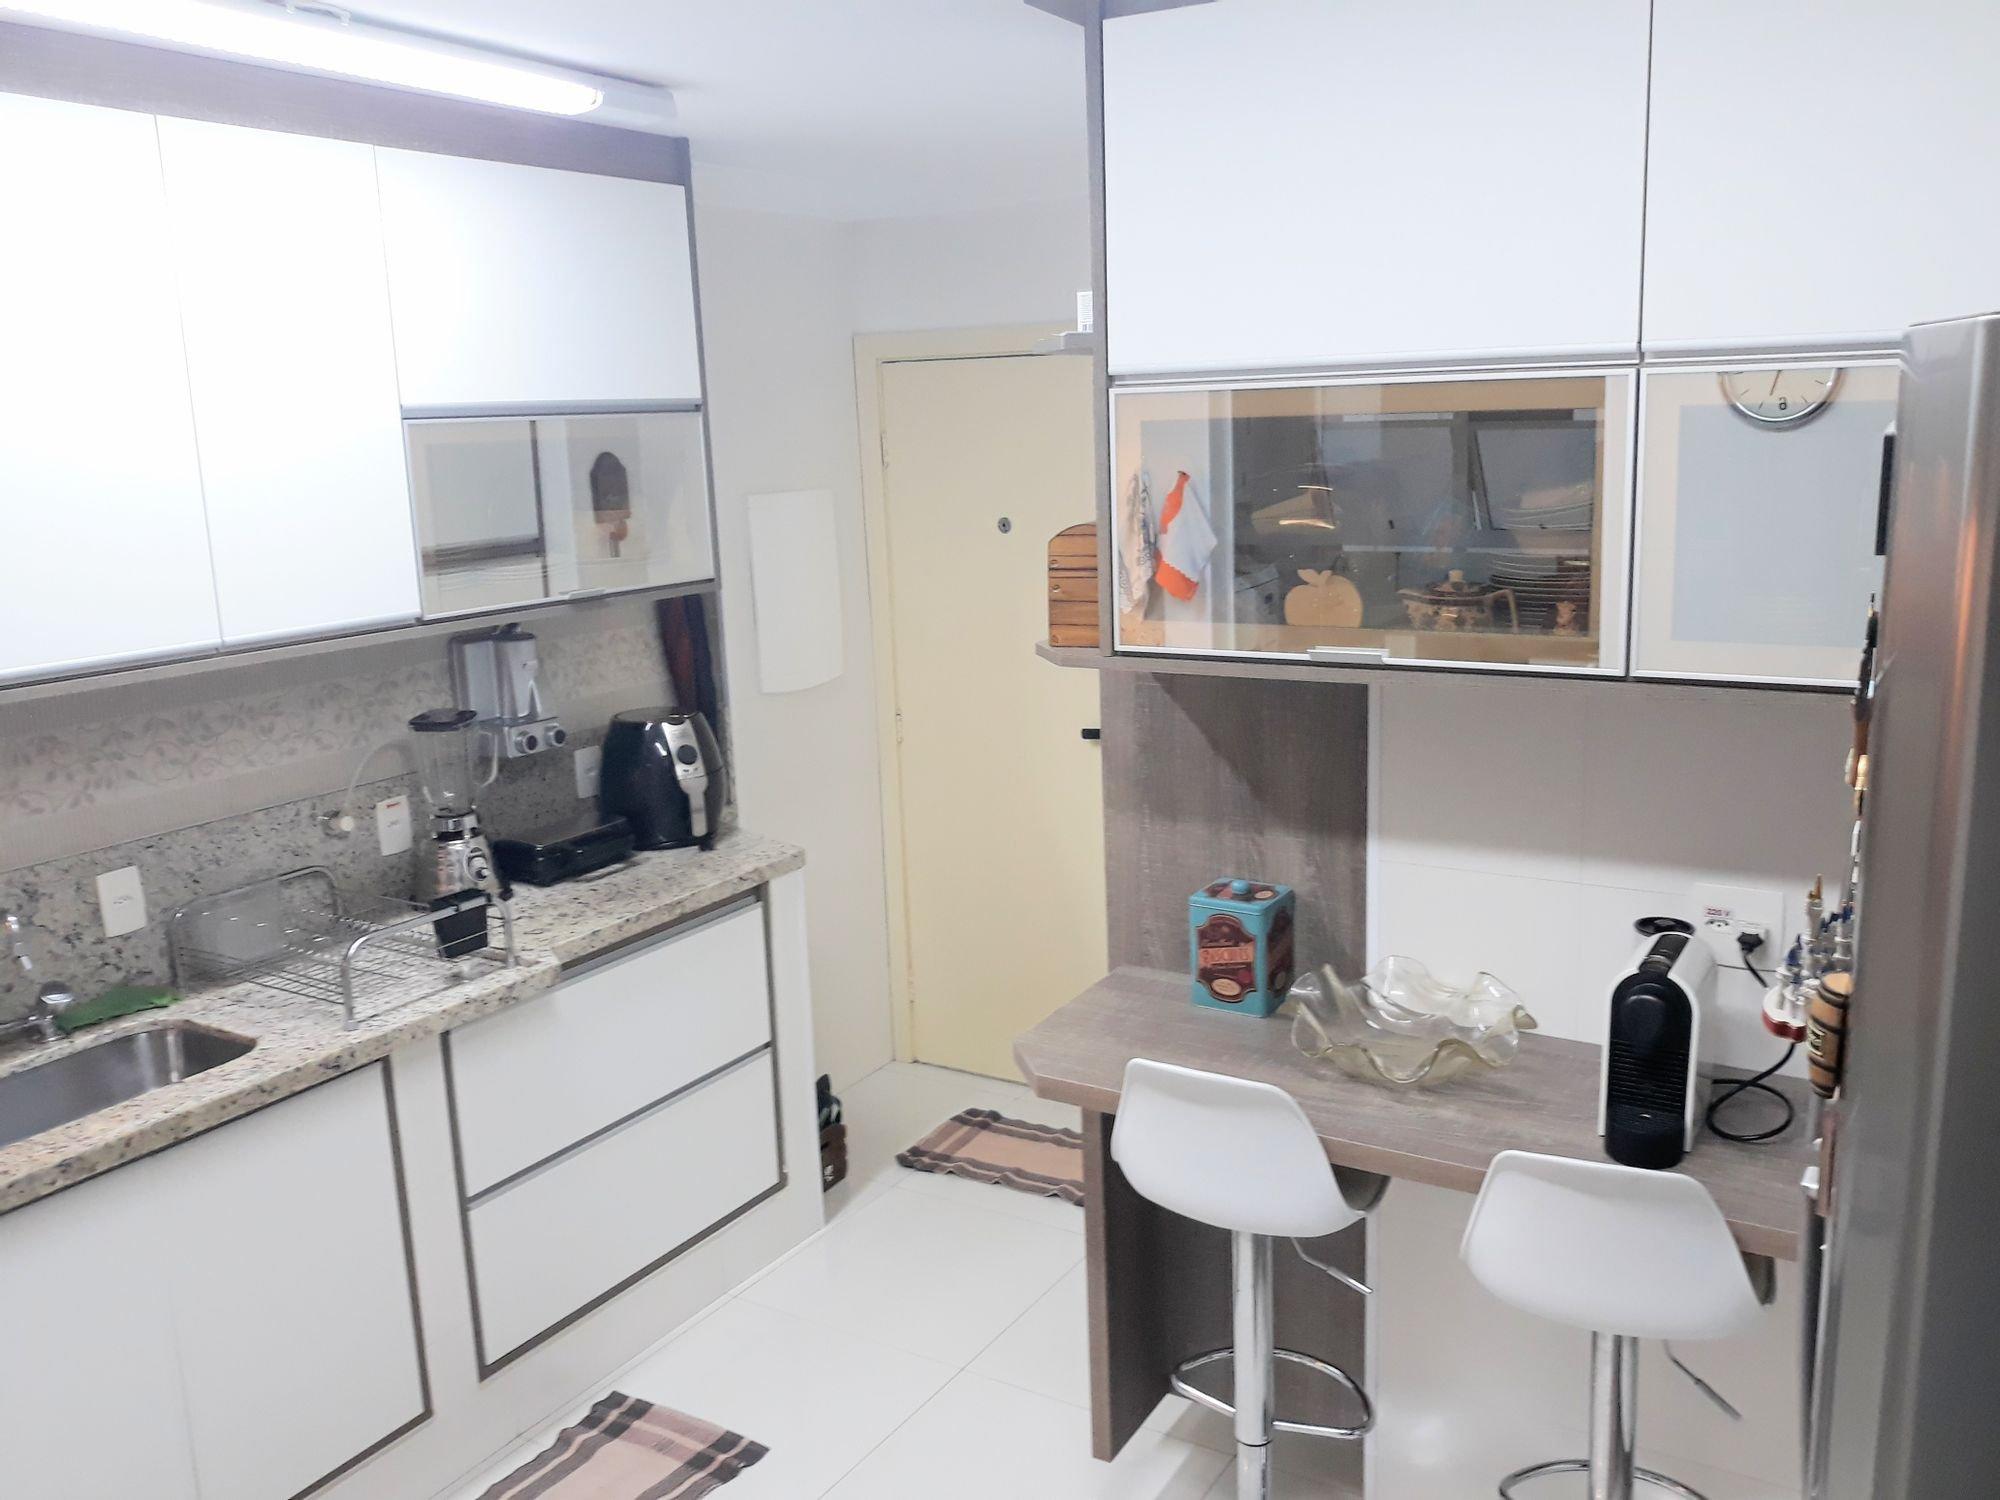 Foto de Cozinha com garrafa, pia, cadeira, mesa de jantar, xícara